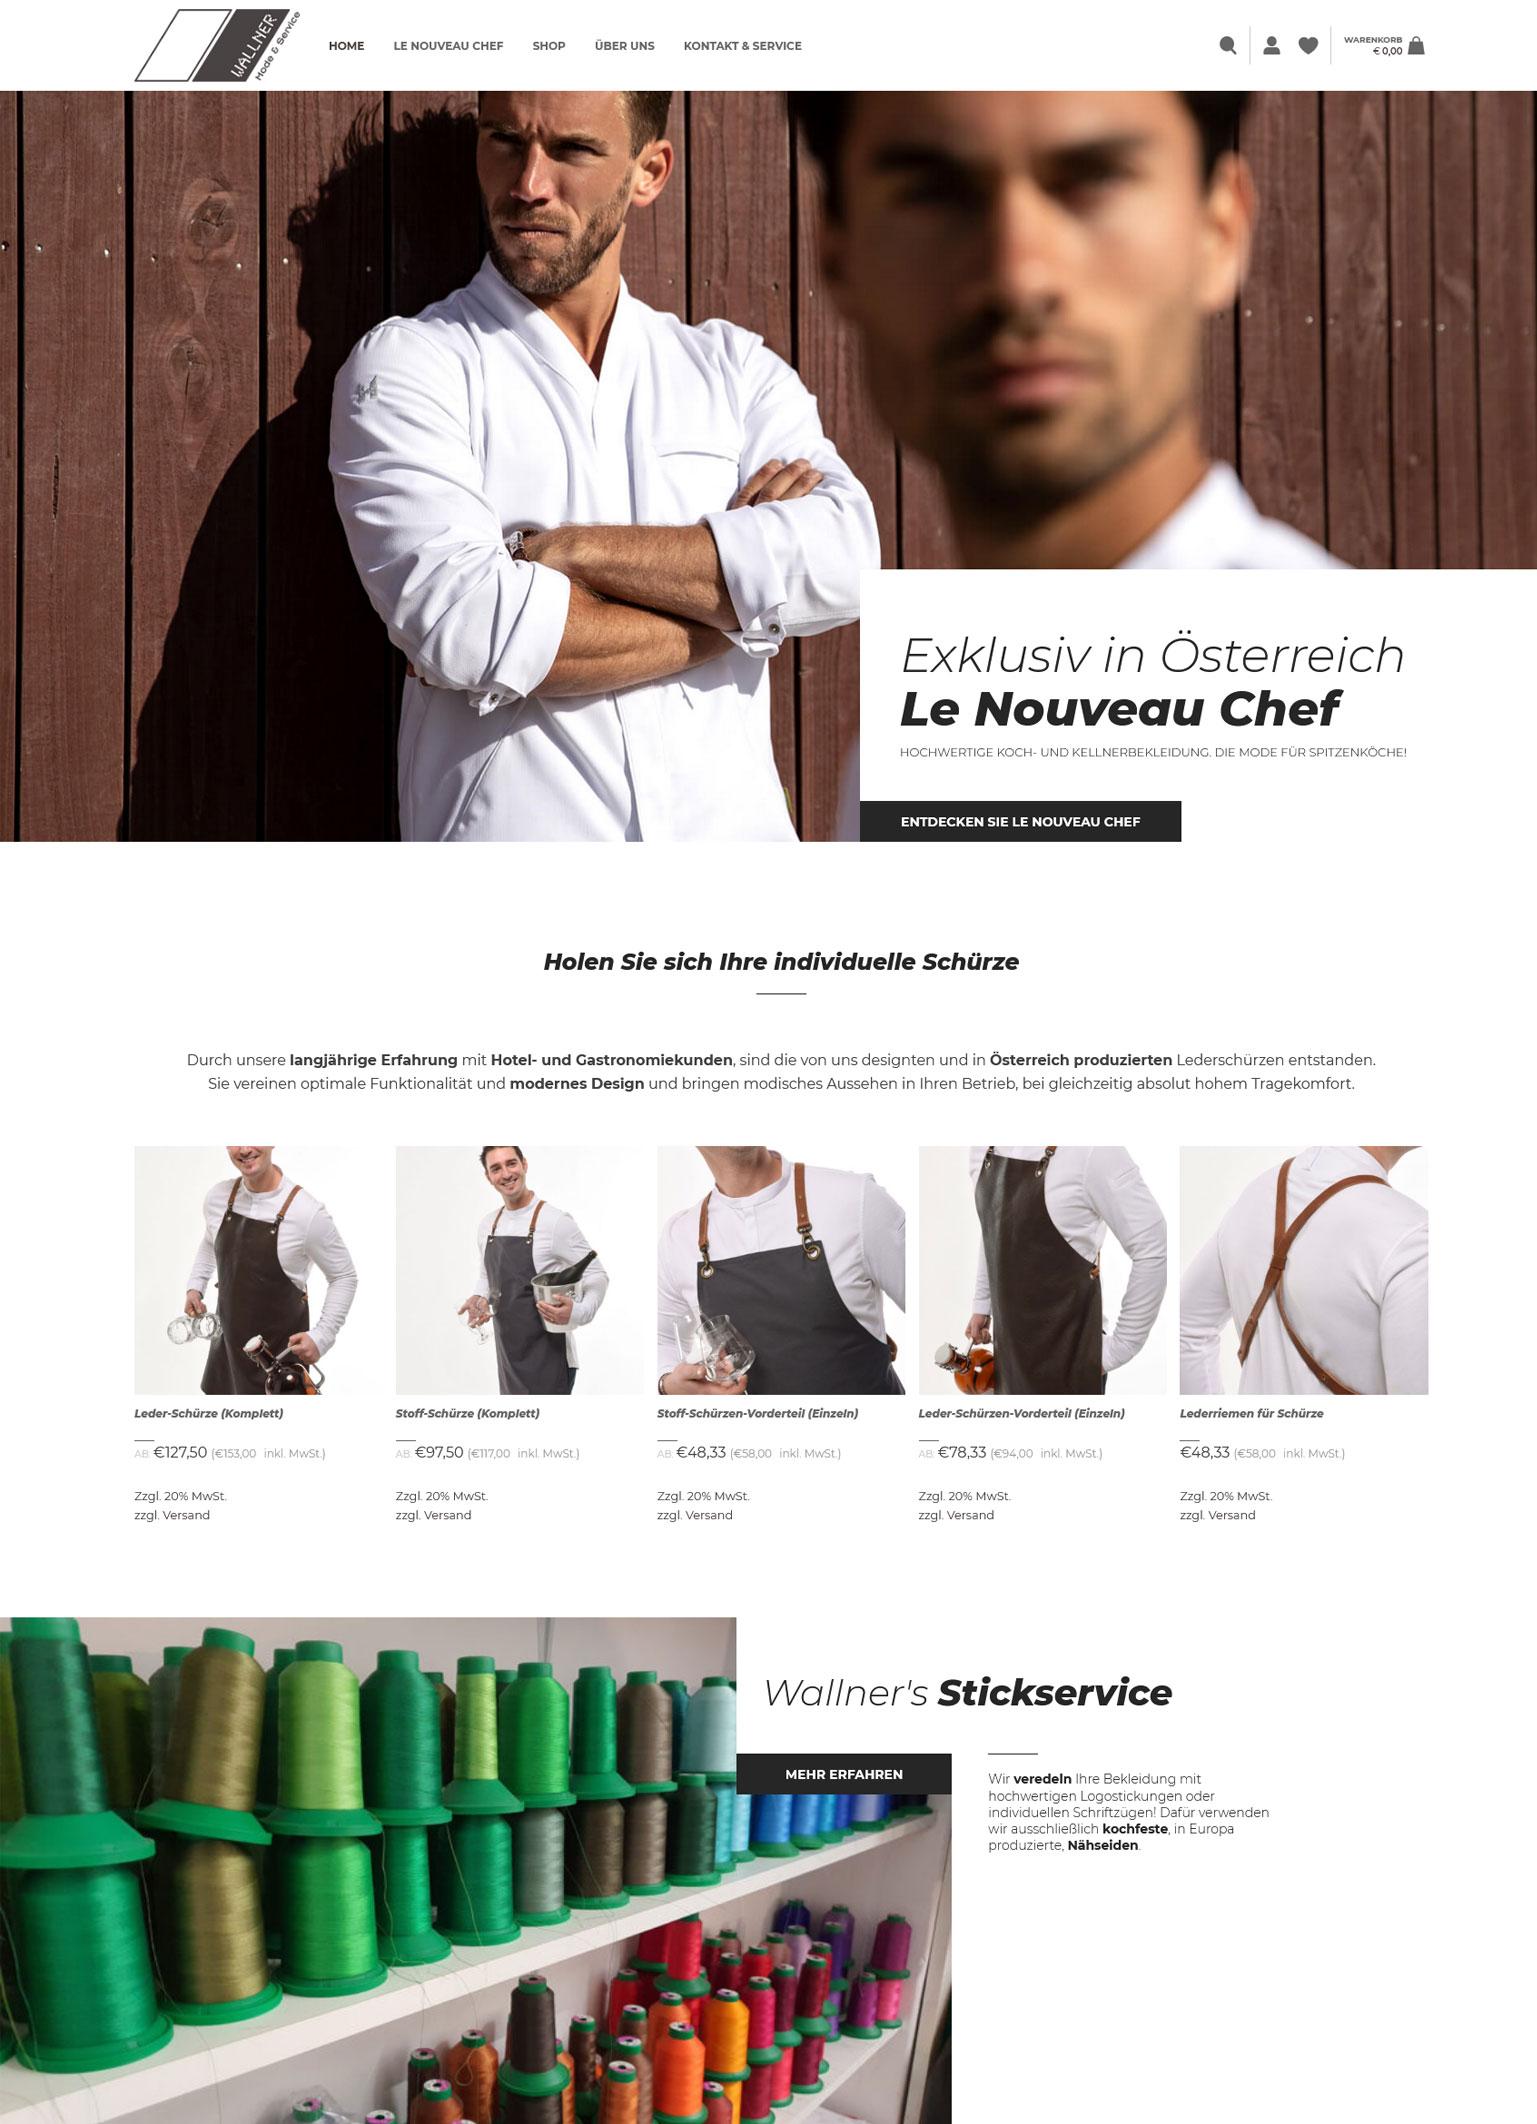 Mode&Service Hannes Wallner